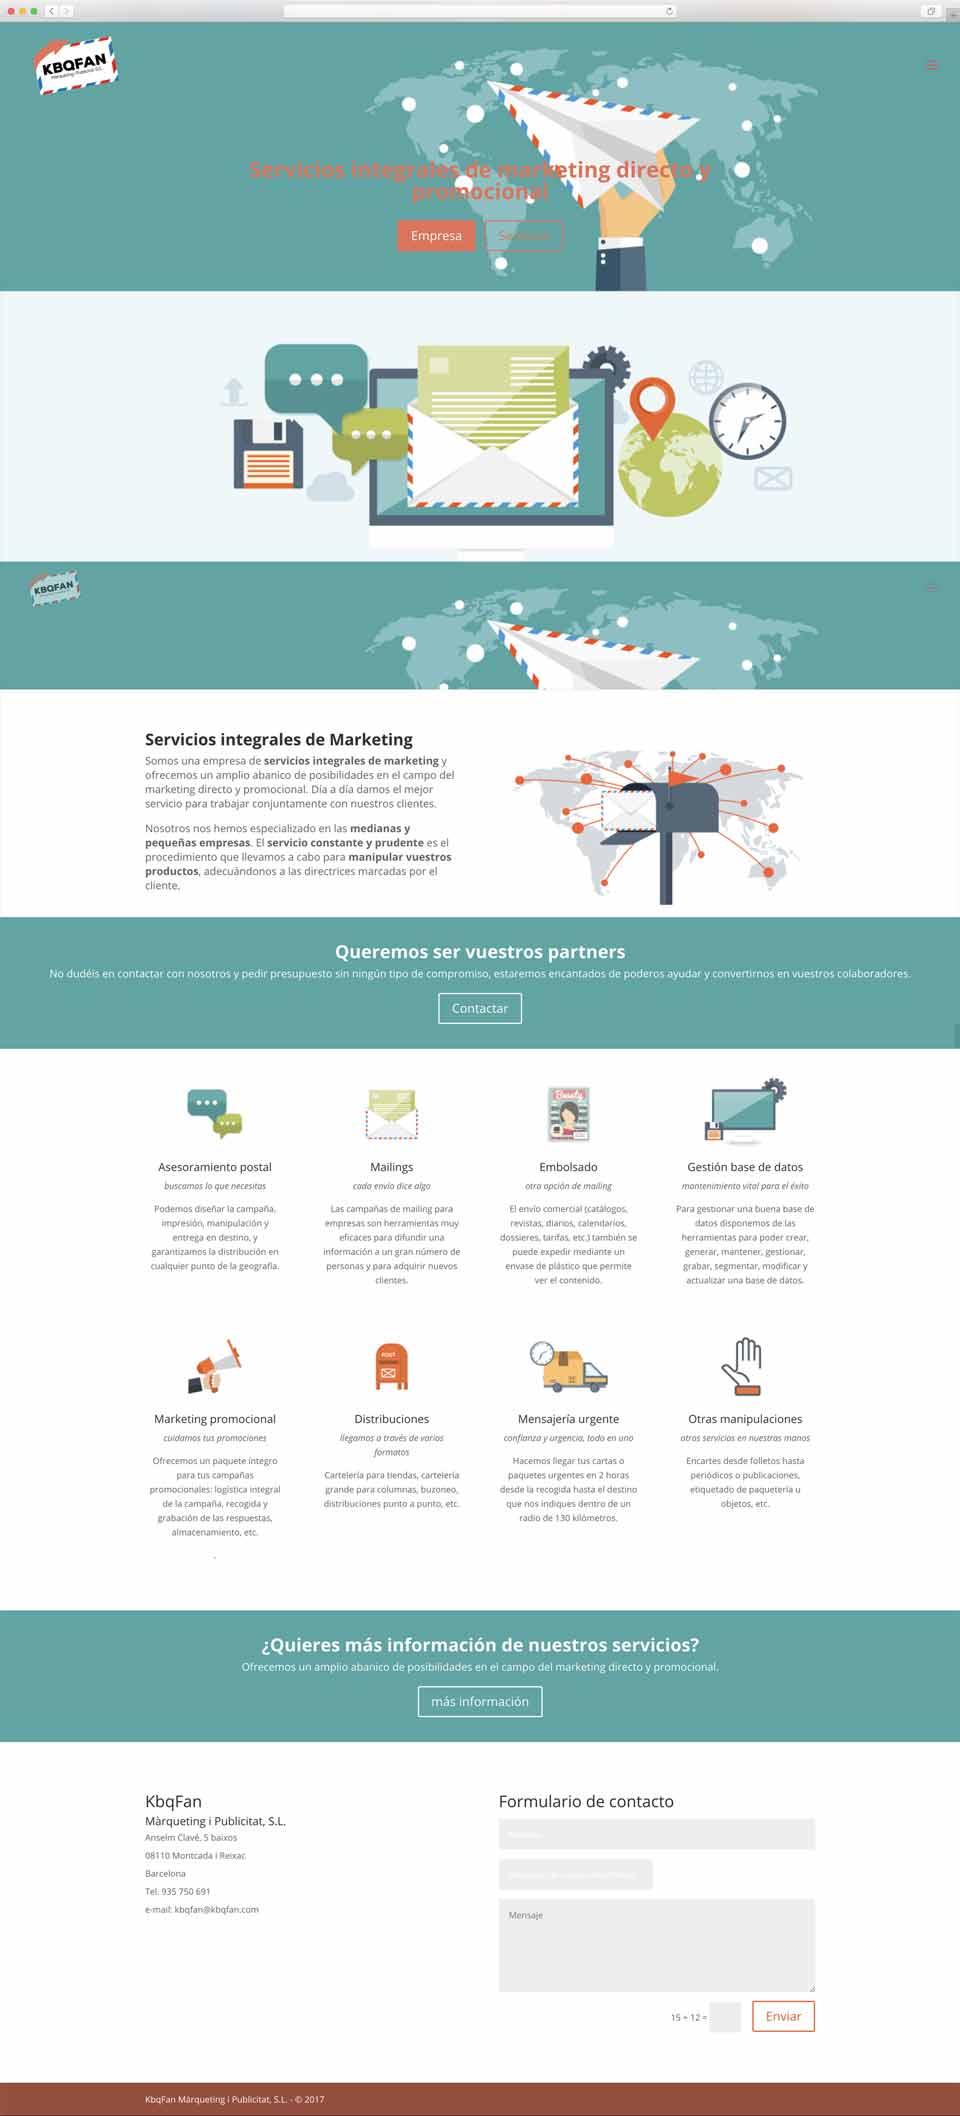 Muestra 1 del diseño web del proyecto Kbqfan, realizado por Núria Riera y Just the web